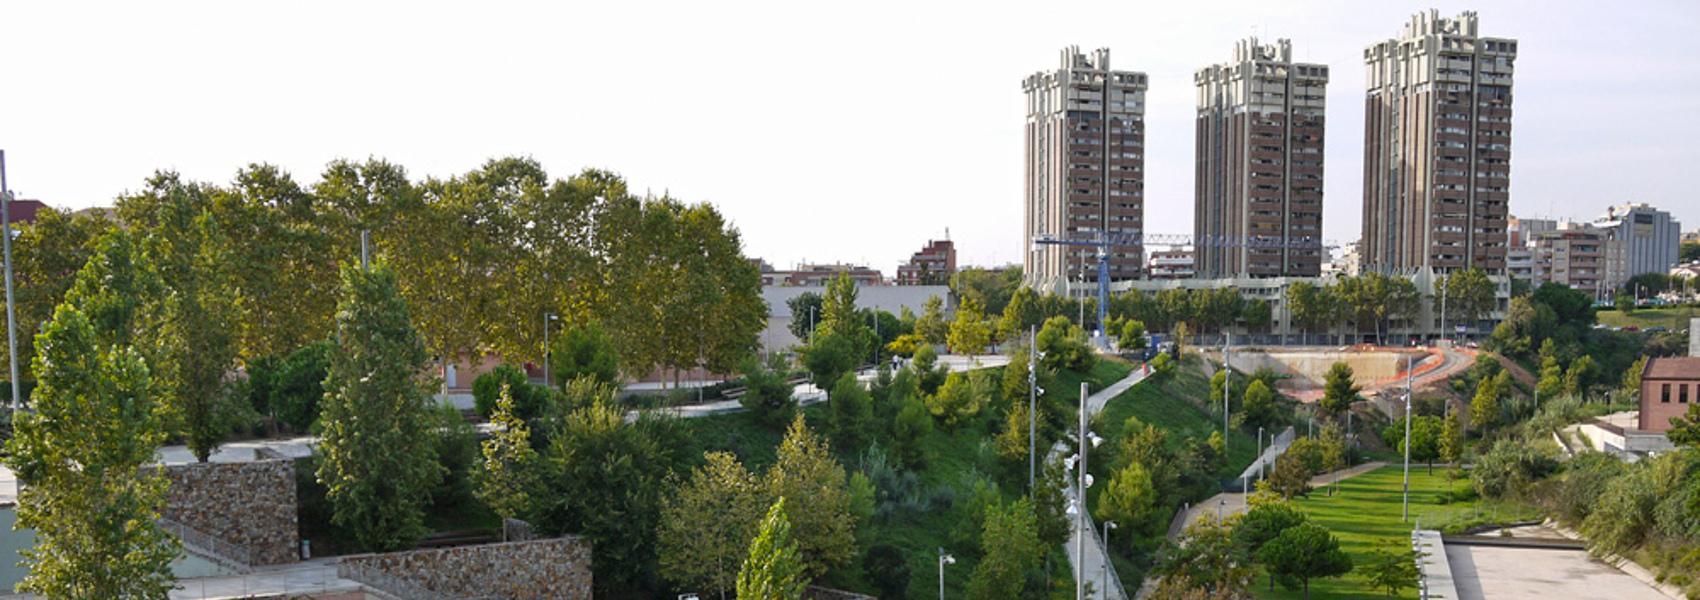 esplugues llobregat - Cerrajeros 24h Esplugues de Llobregat, Cerrajero Esplugues de Llobregat